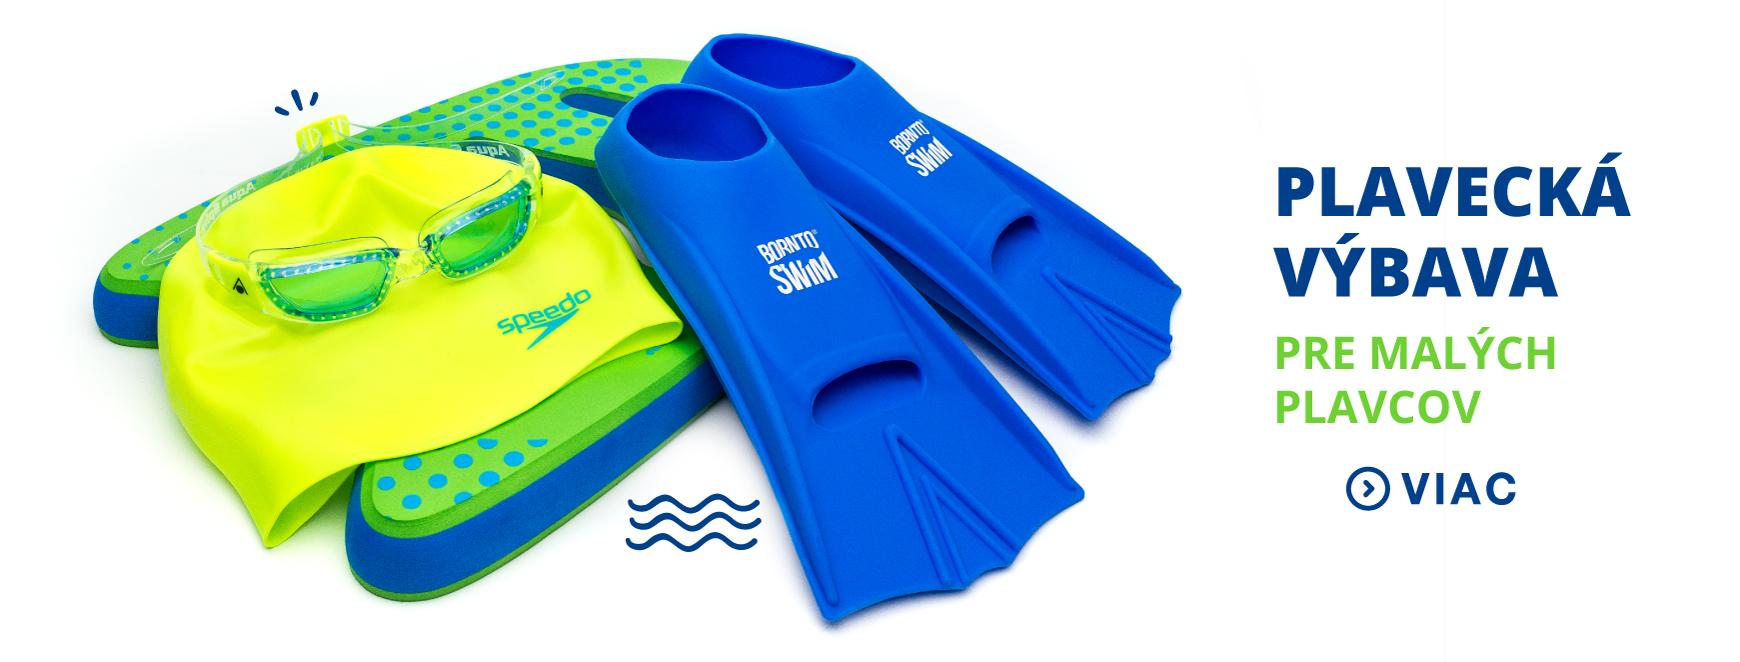 Detská výbava na plávanie